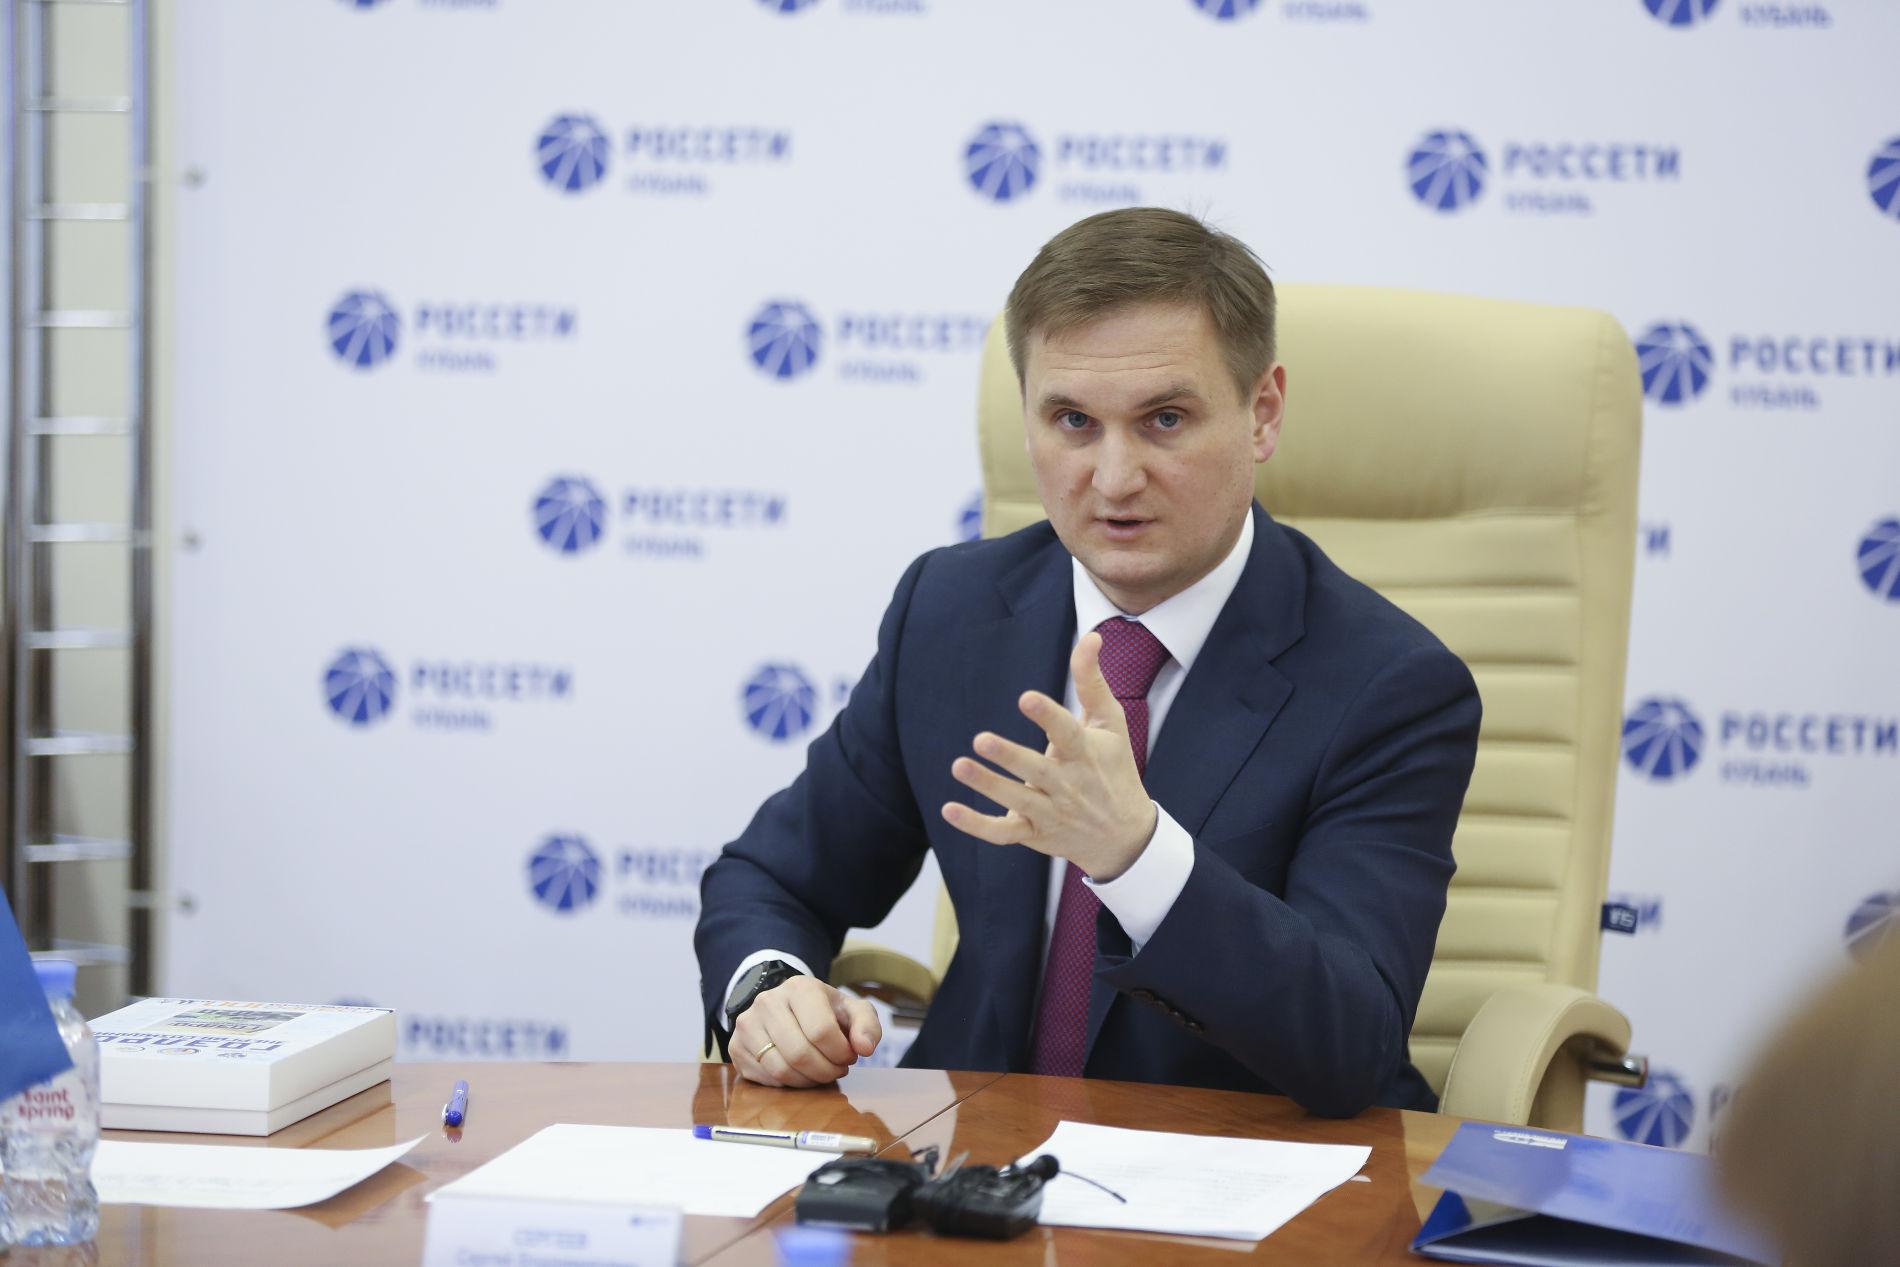 Сергей Сергеев ©Фото пресс-службы «Россети Кубань»